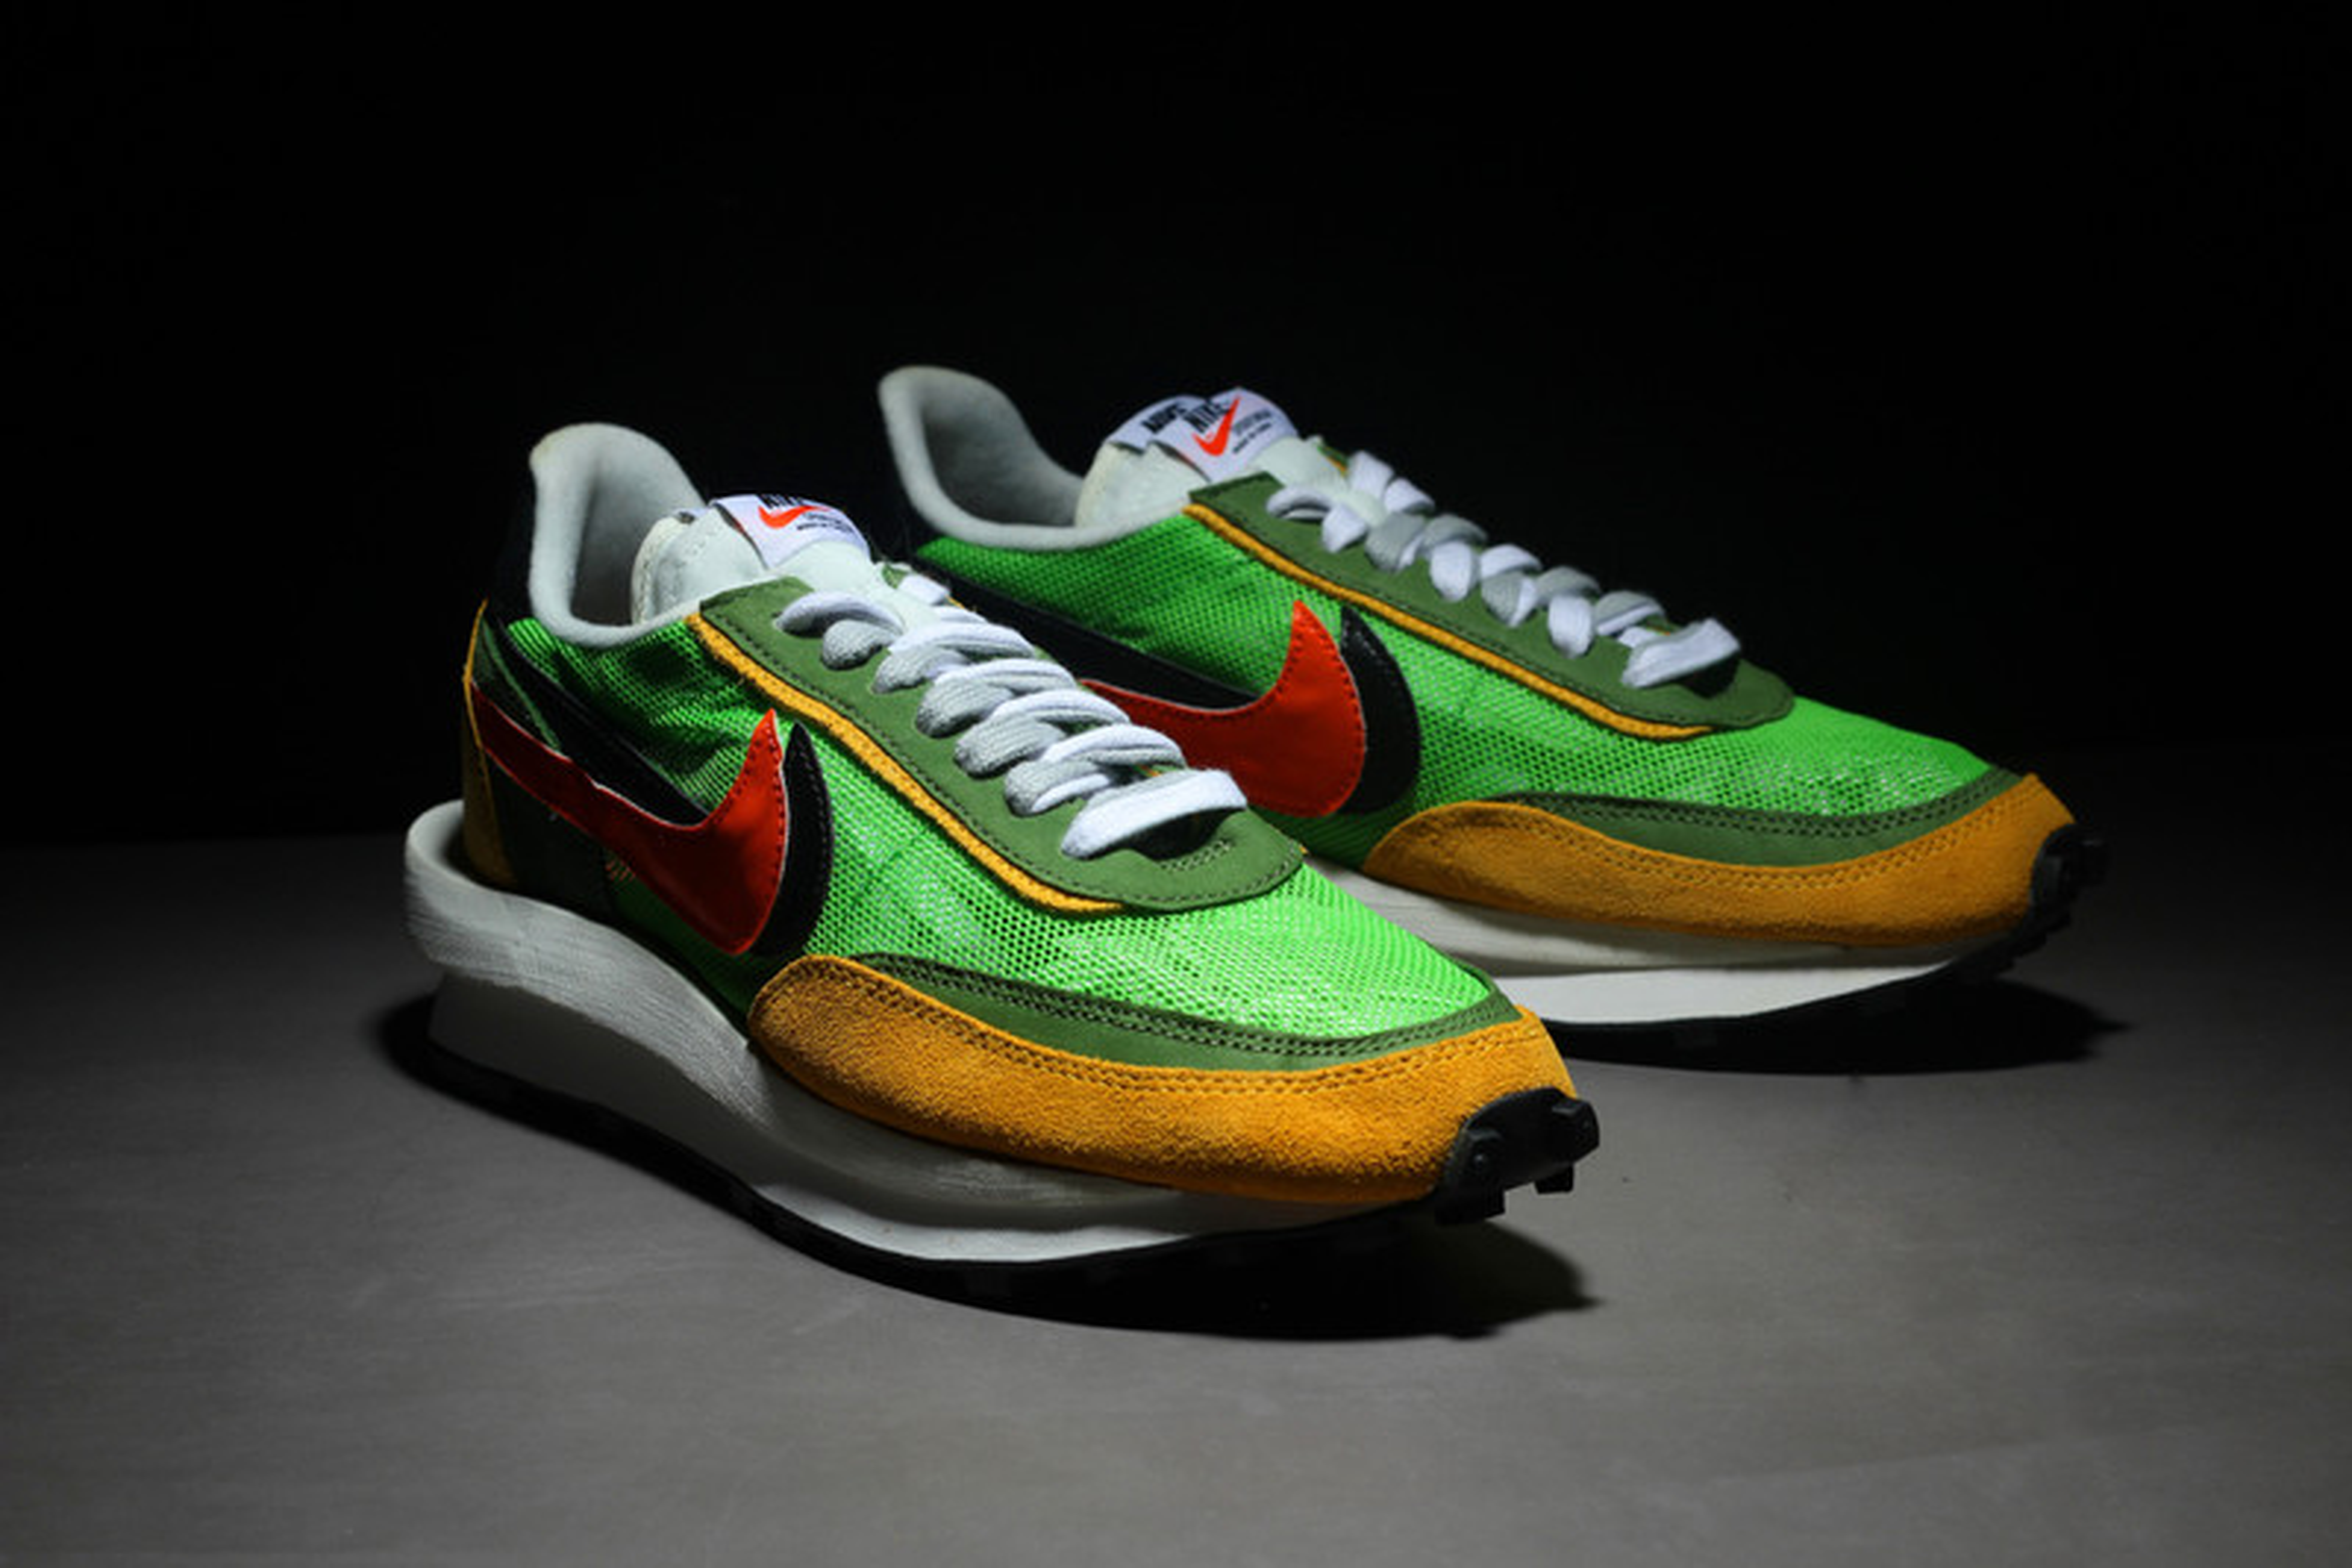 Un Aperçu Détaillé De La Seconde Sneaker Issue De La Collaboration Entre sacai Et Nike